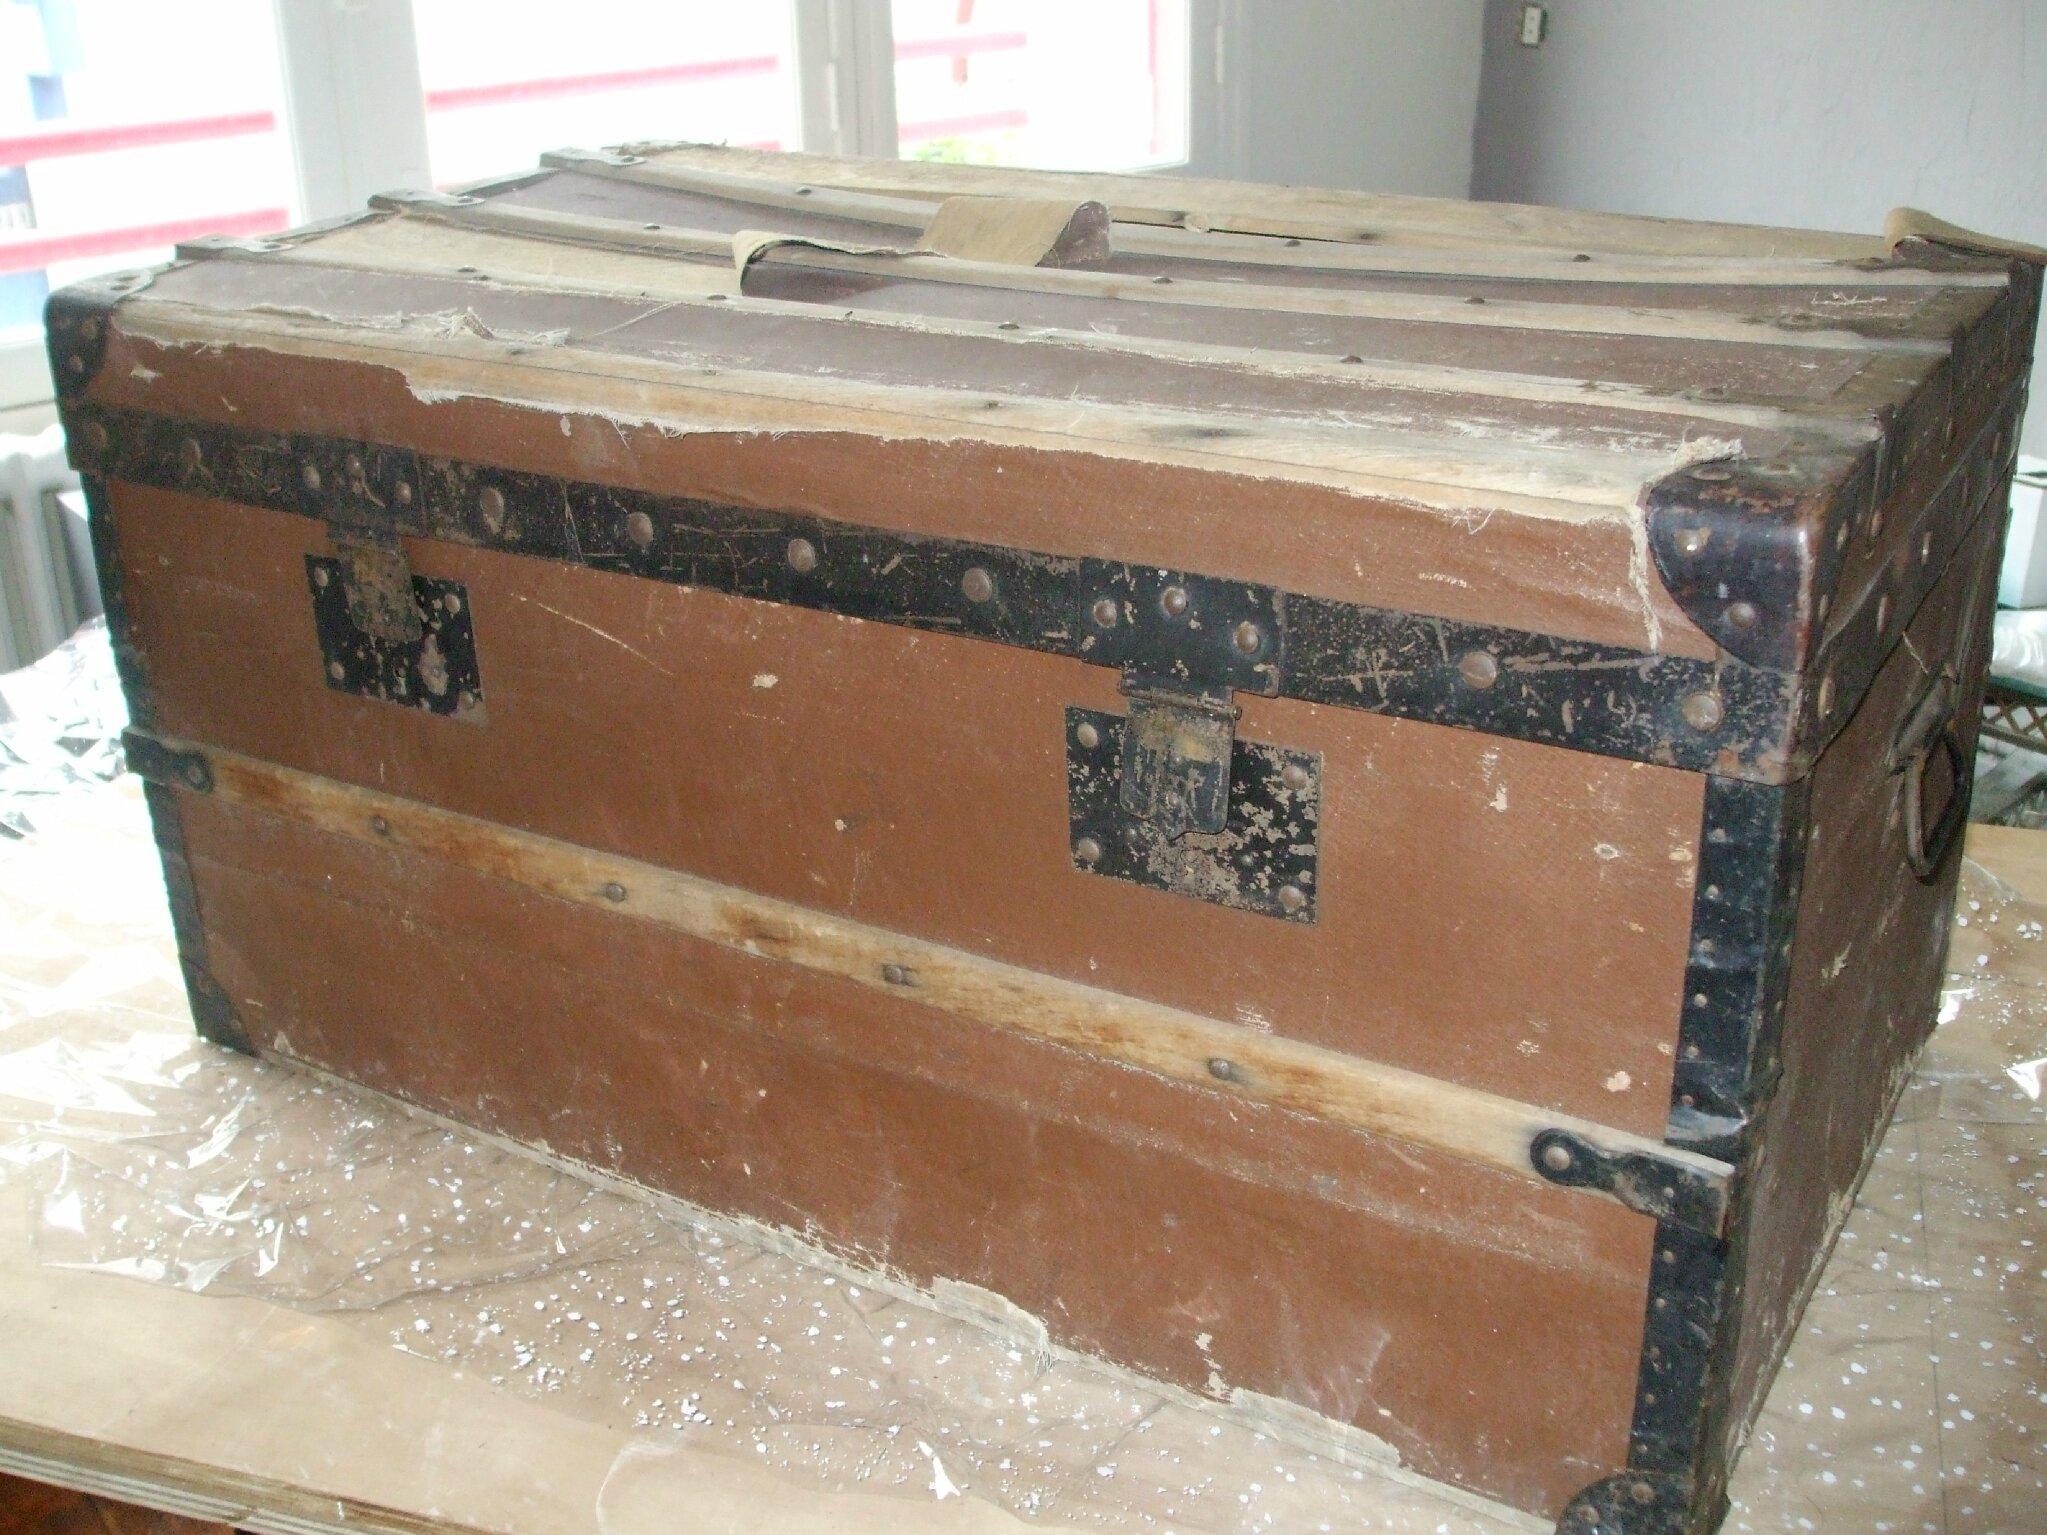 Malles et valises la mandragore et le pass revisit - Valise en bois ancienne ...